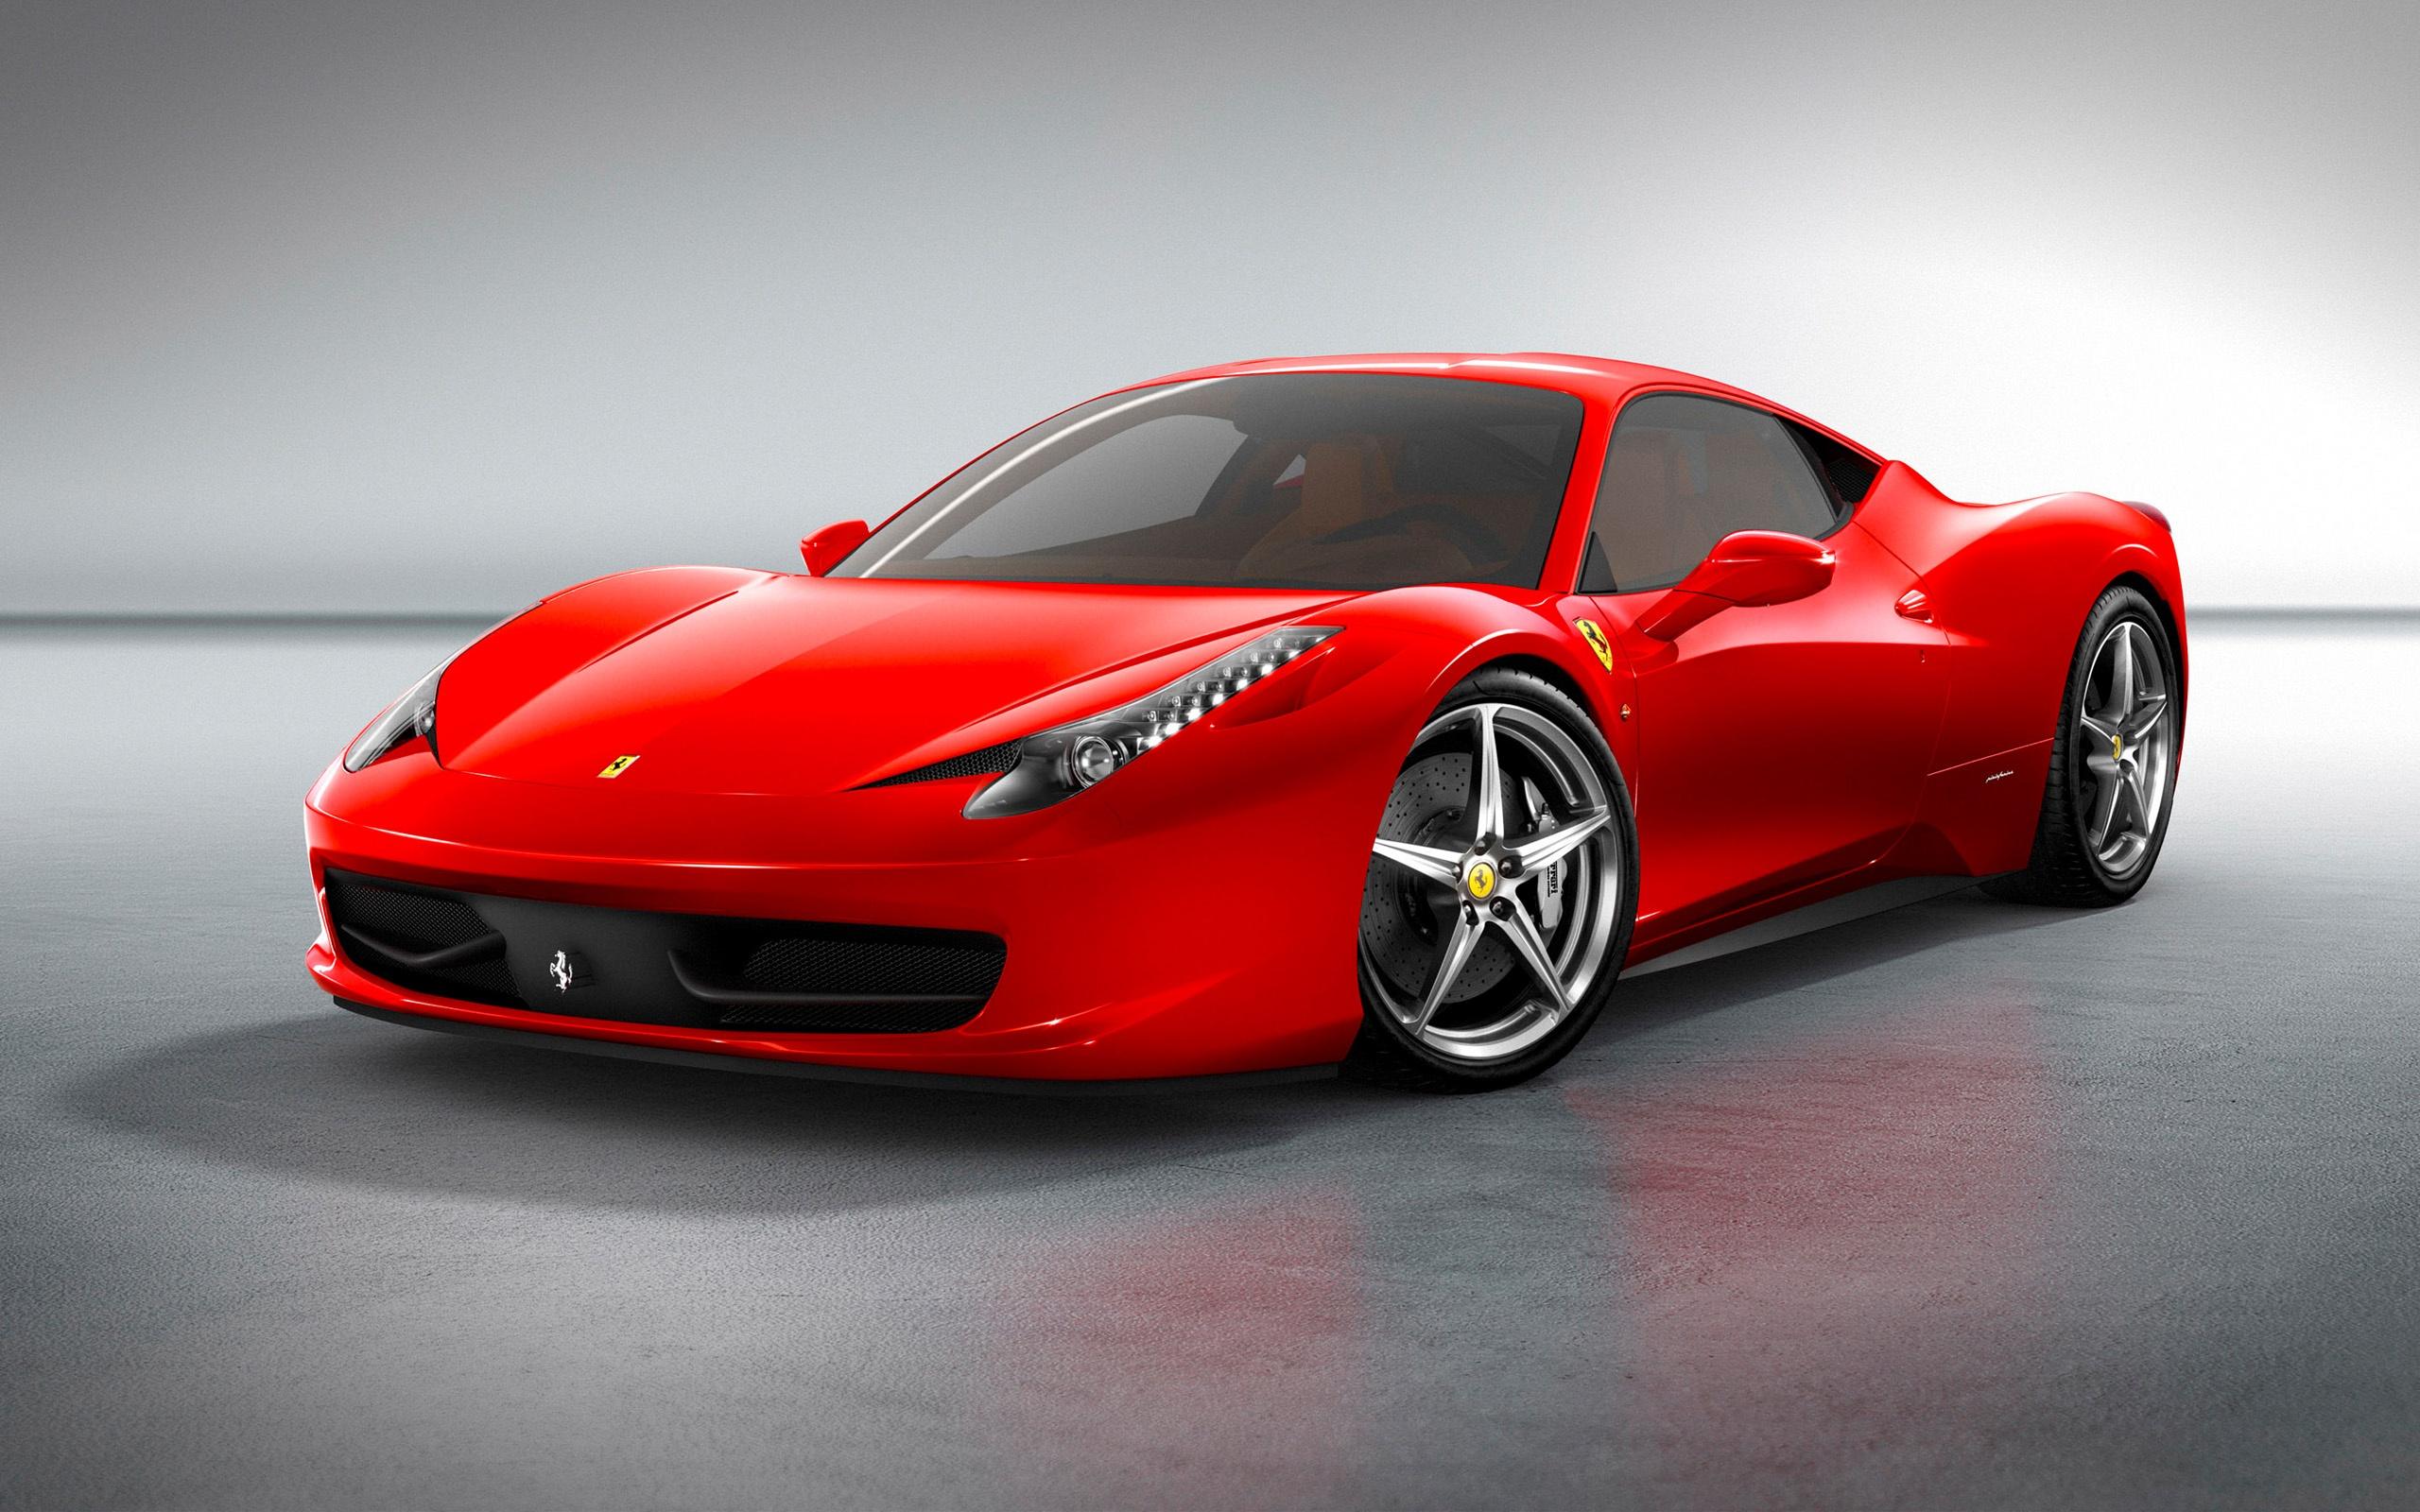 Download Wallpaper Ferrari 458 Italia 2010 Downloadfy Com